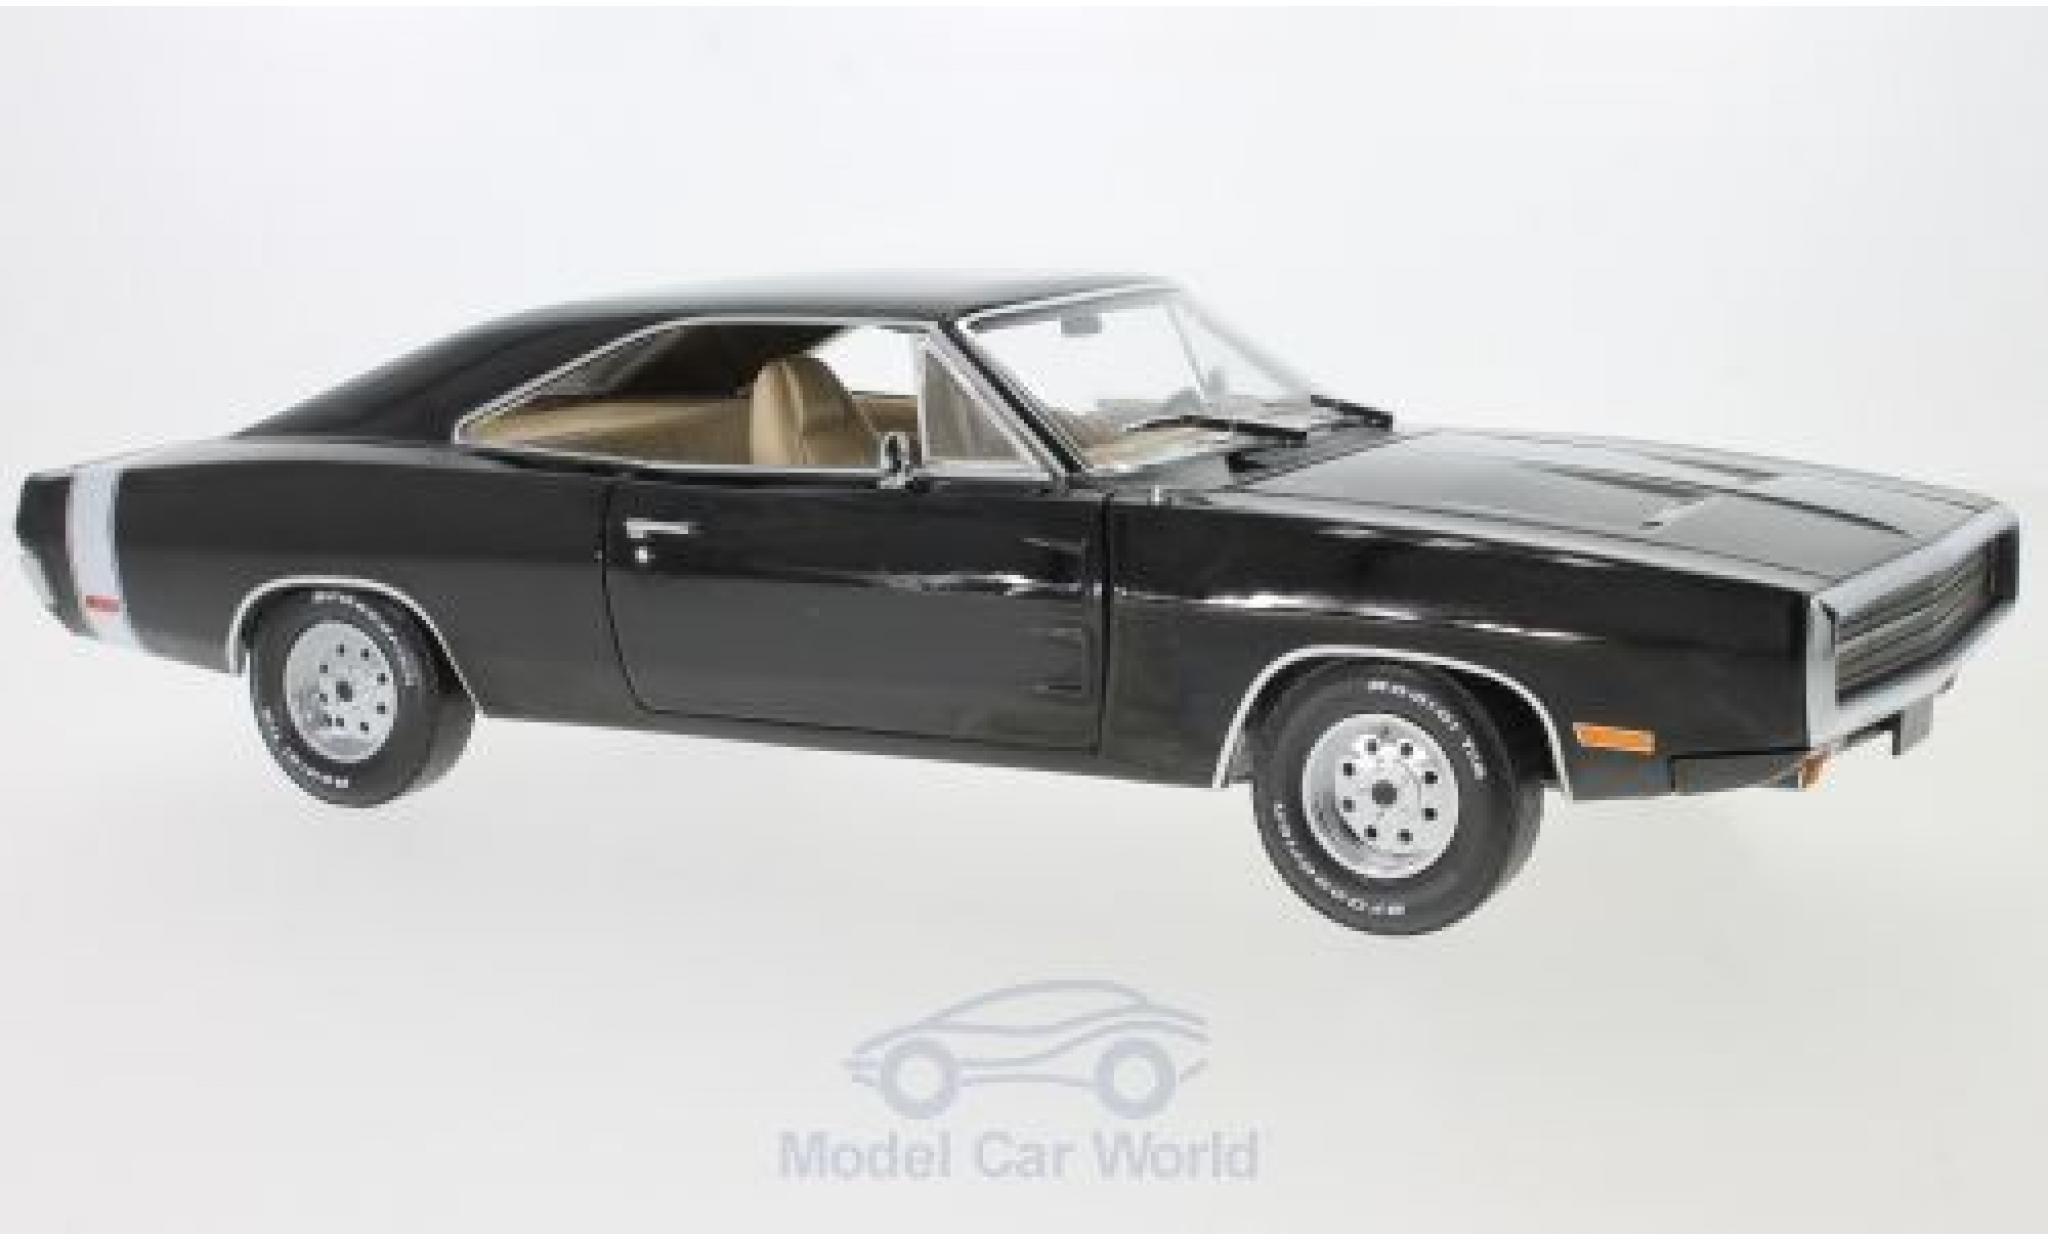 Dodge Charger 1970 1/18 Greenlight black Supernatural TV Series 1970